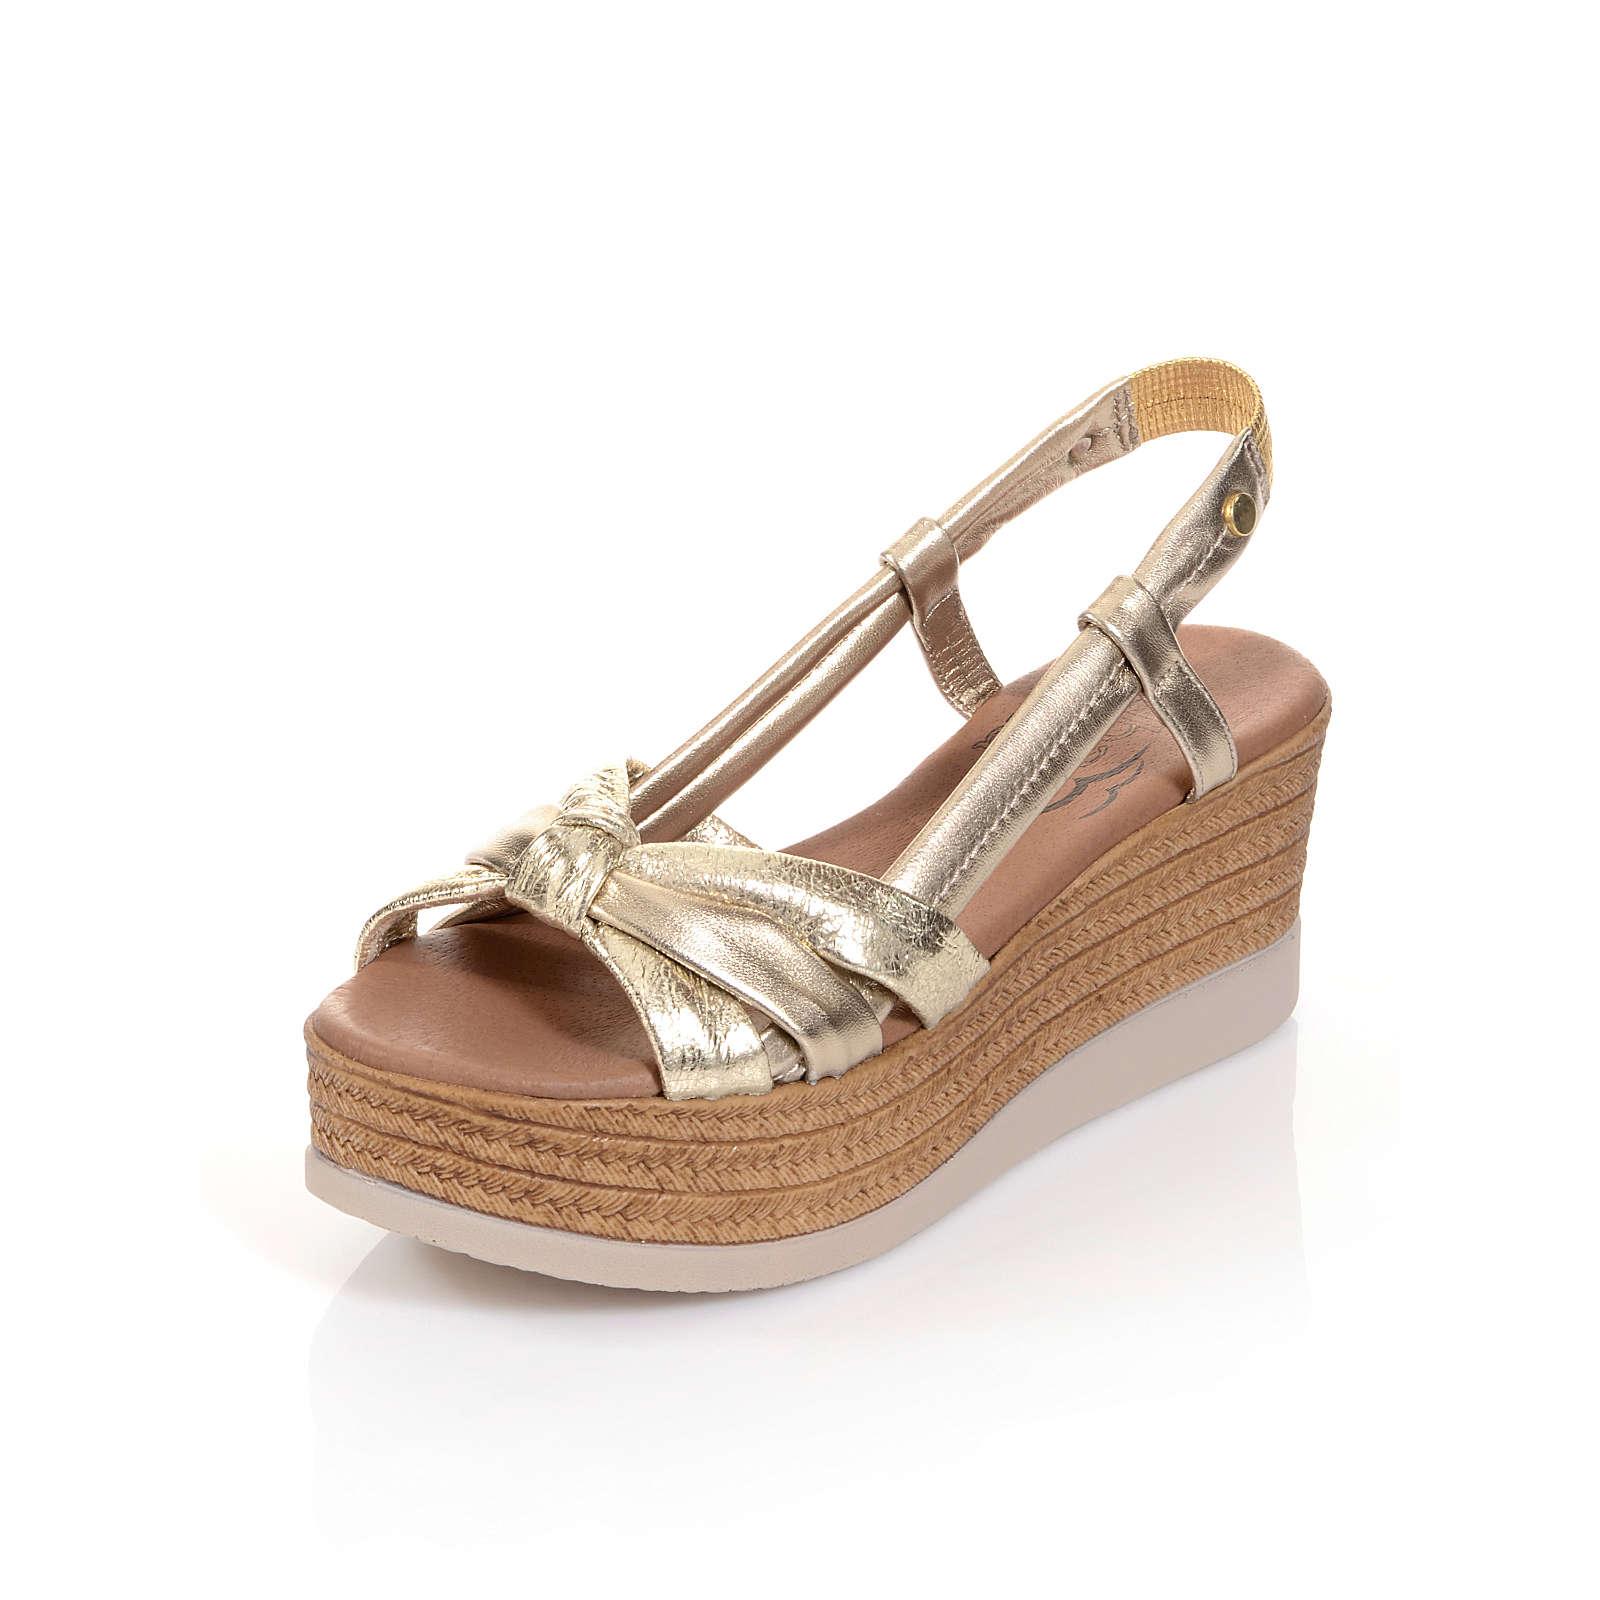 Alba Moda Klassische Sandaletten gold Damen Gr. 41